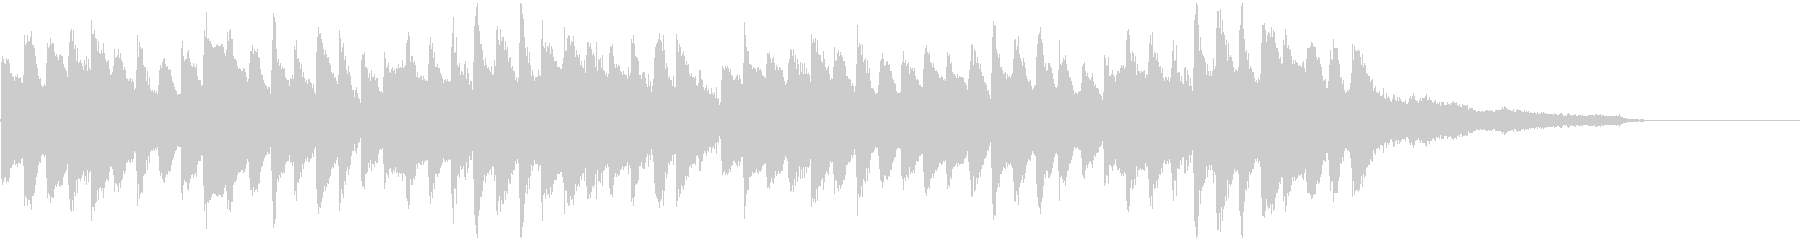 まったりとしたピアノメインのジングルの未再生の波形